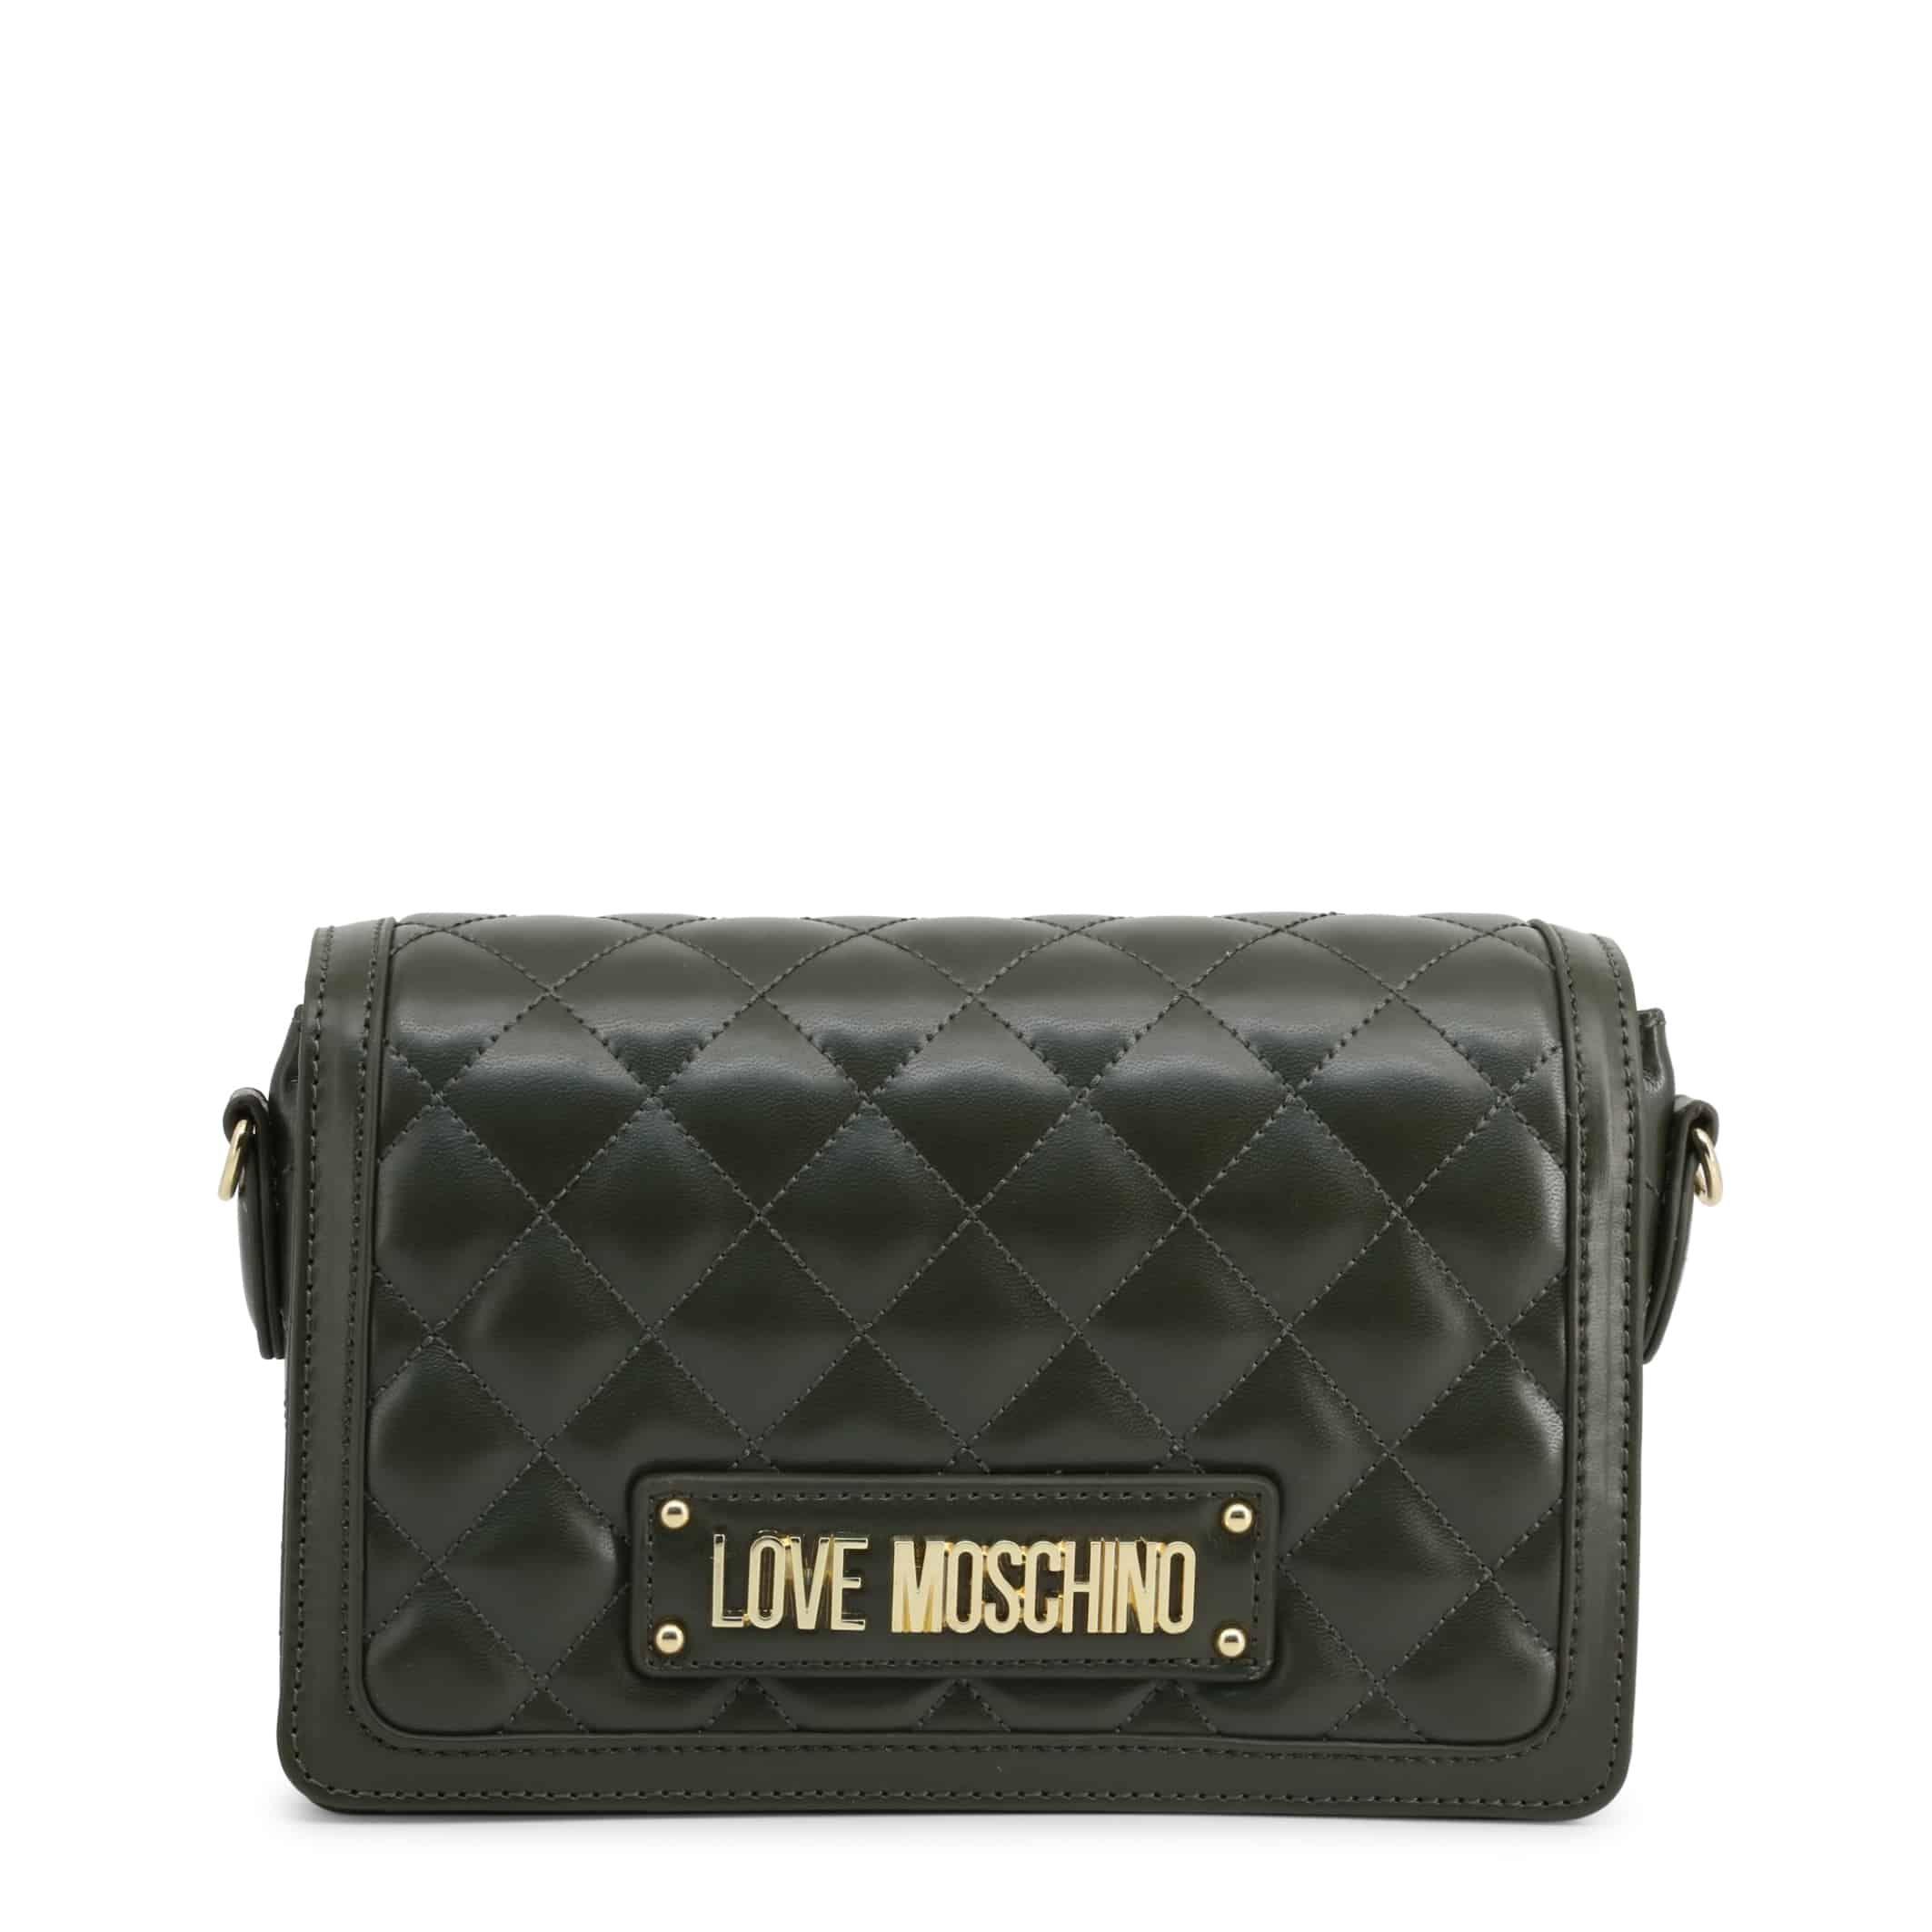 Sacs bandoulière Love Moschino – JC4002PP18LA